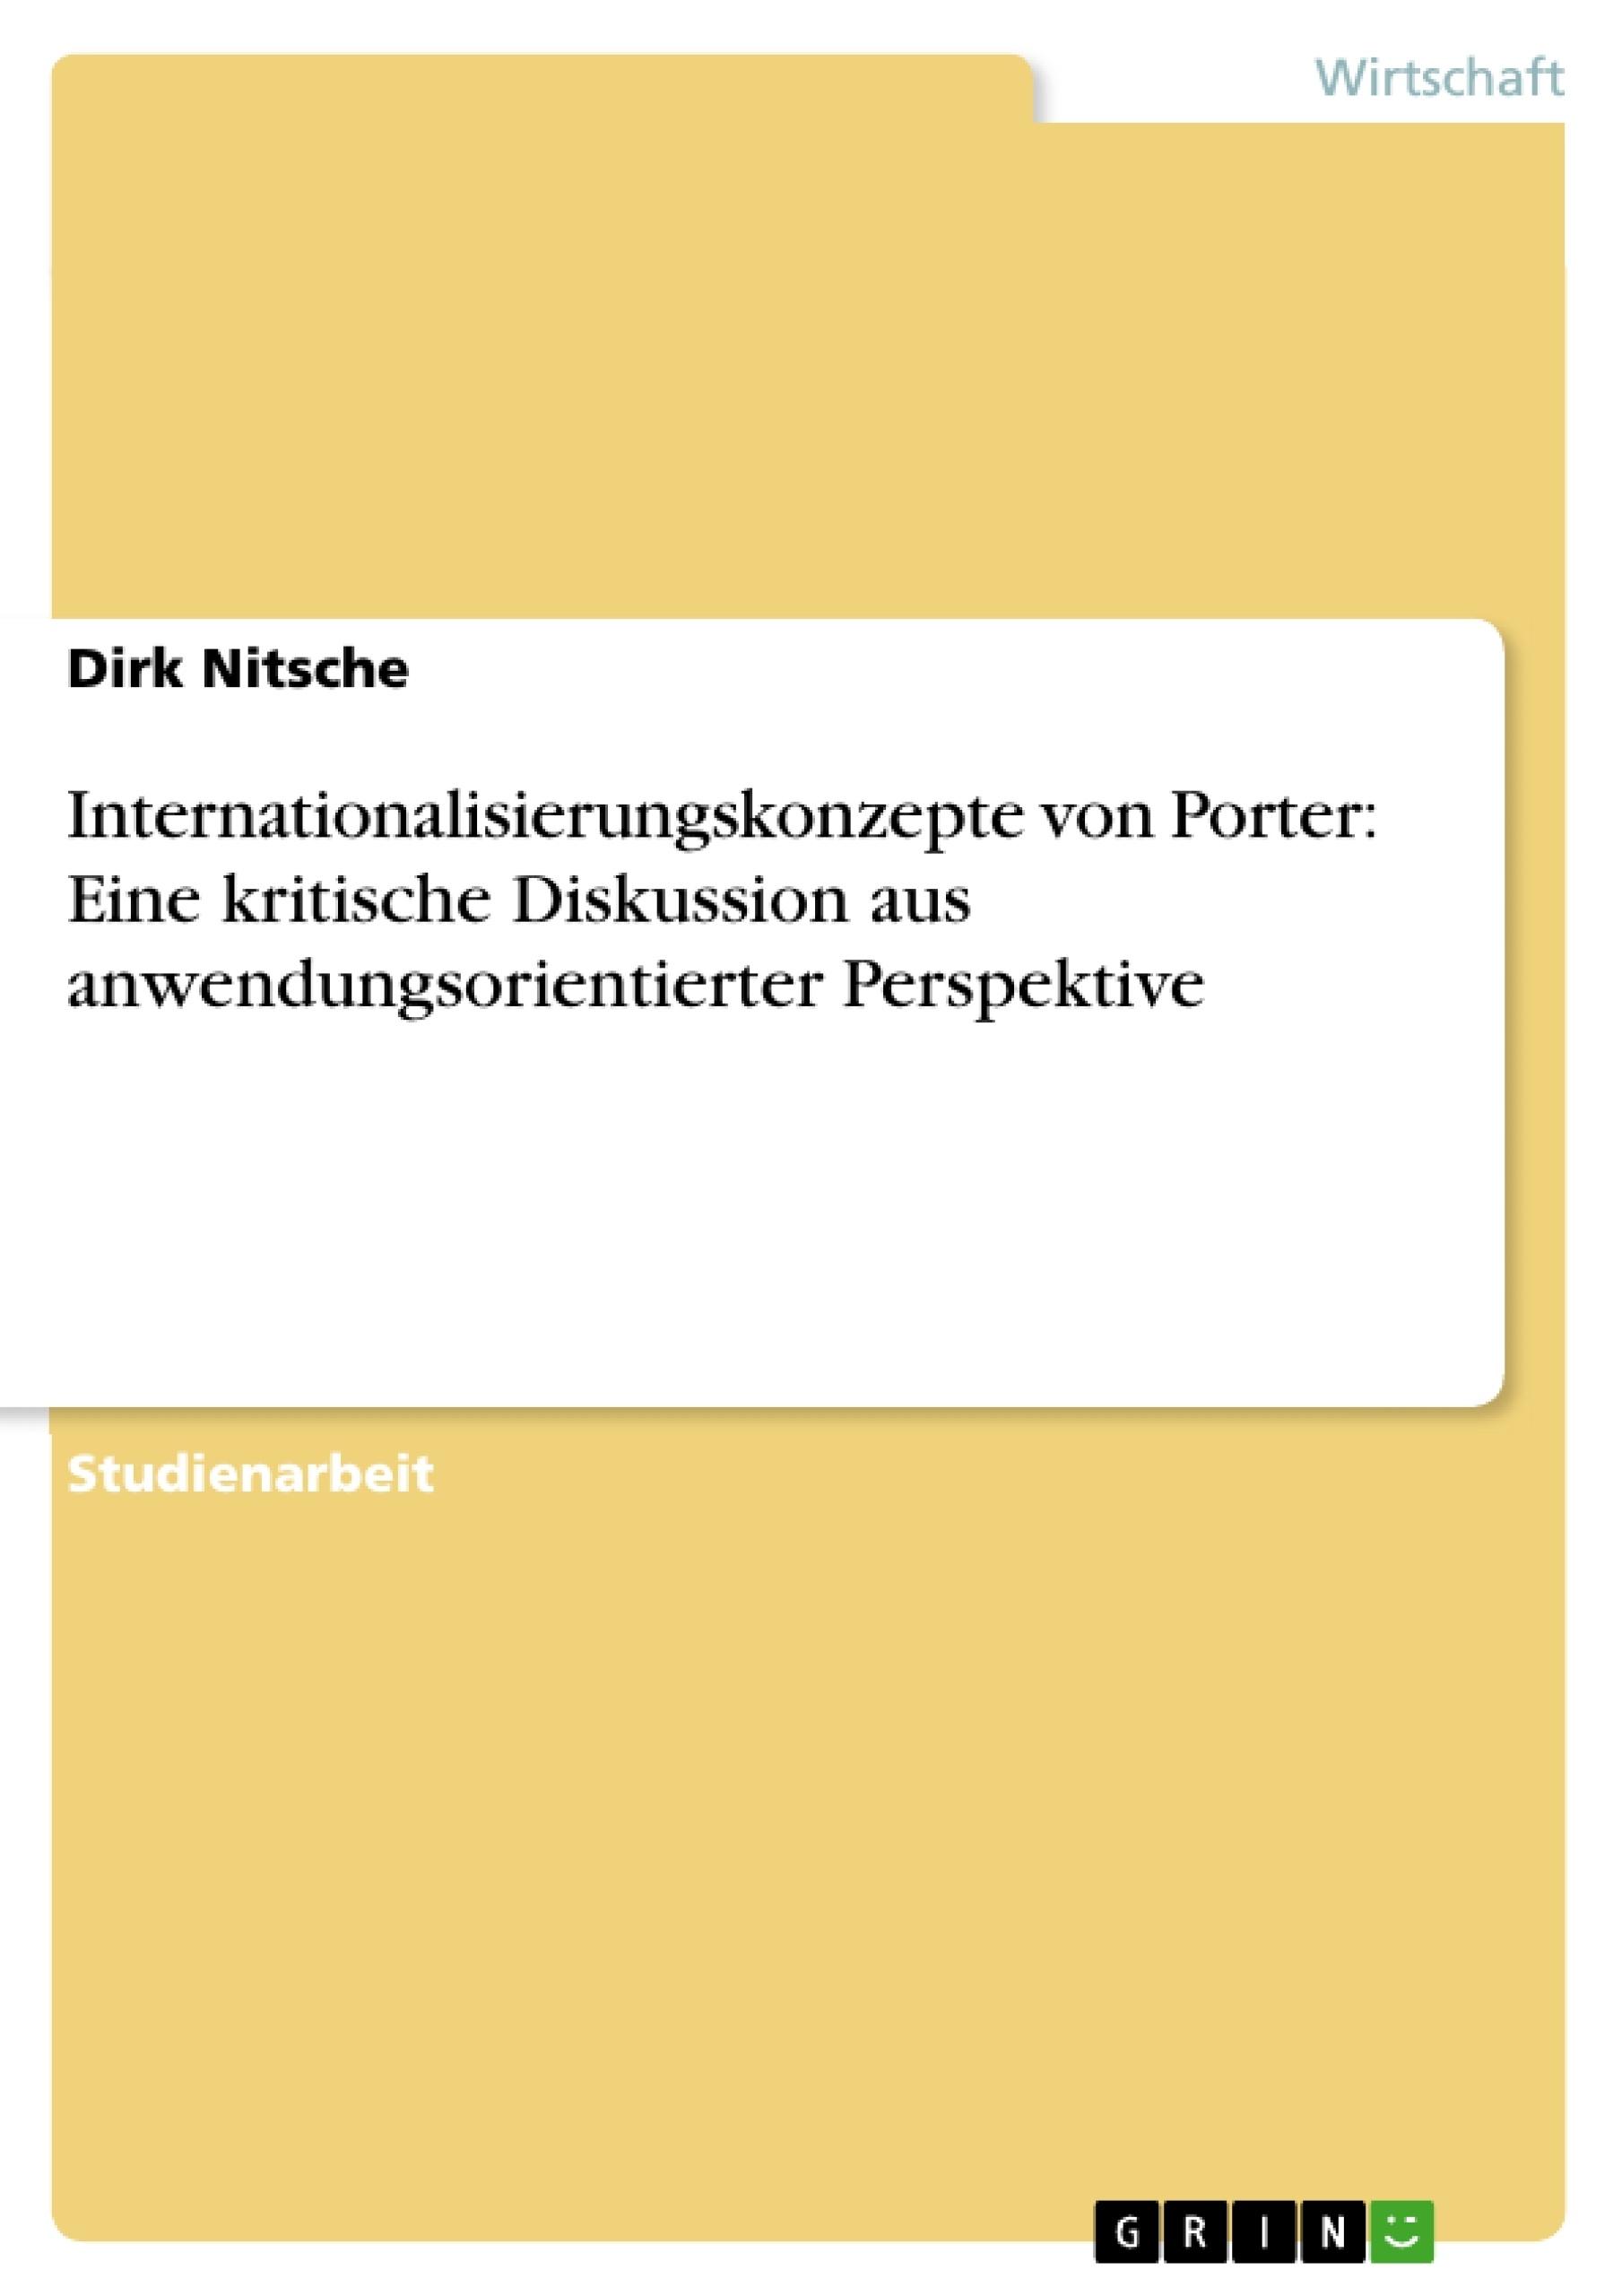 Titel: Internationalisierungskonzepte von Porter: Eine kritische Diskussion aus anwendungsorientierter Perspektive